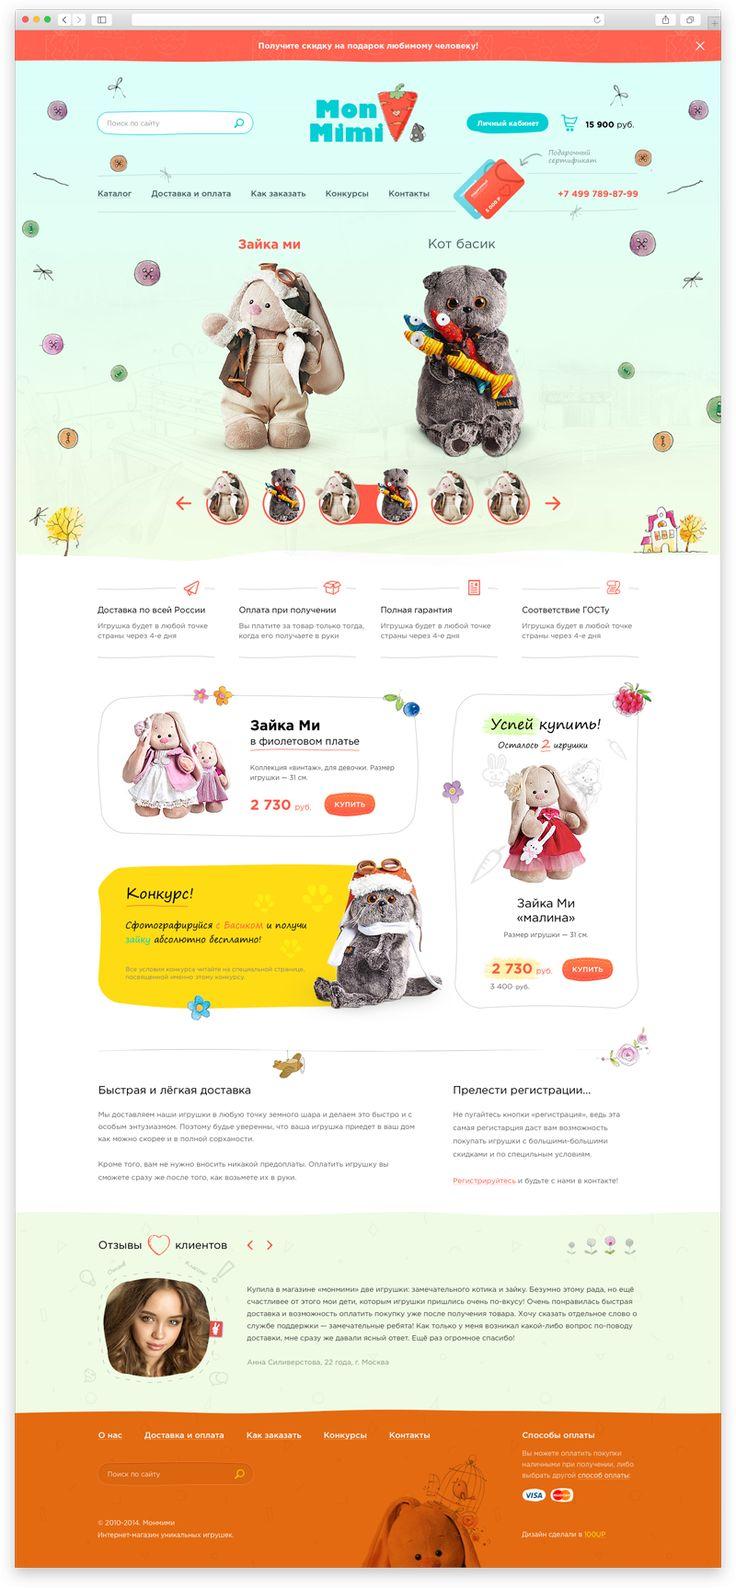 MonMimi – Интернет-магазин игрушек, Сайт © АндрейСтаховский